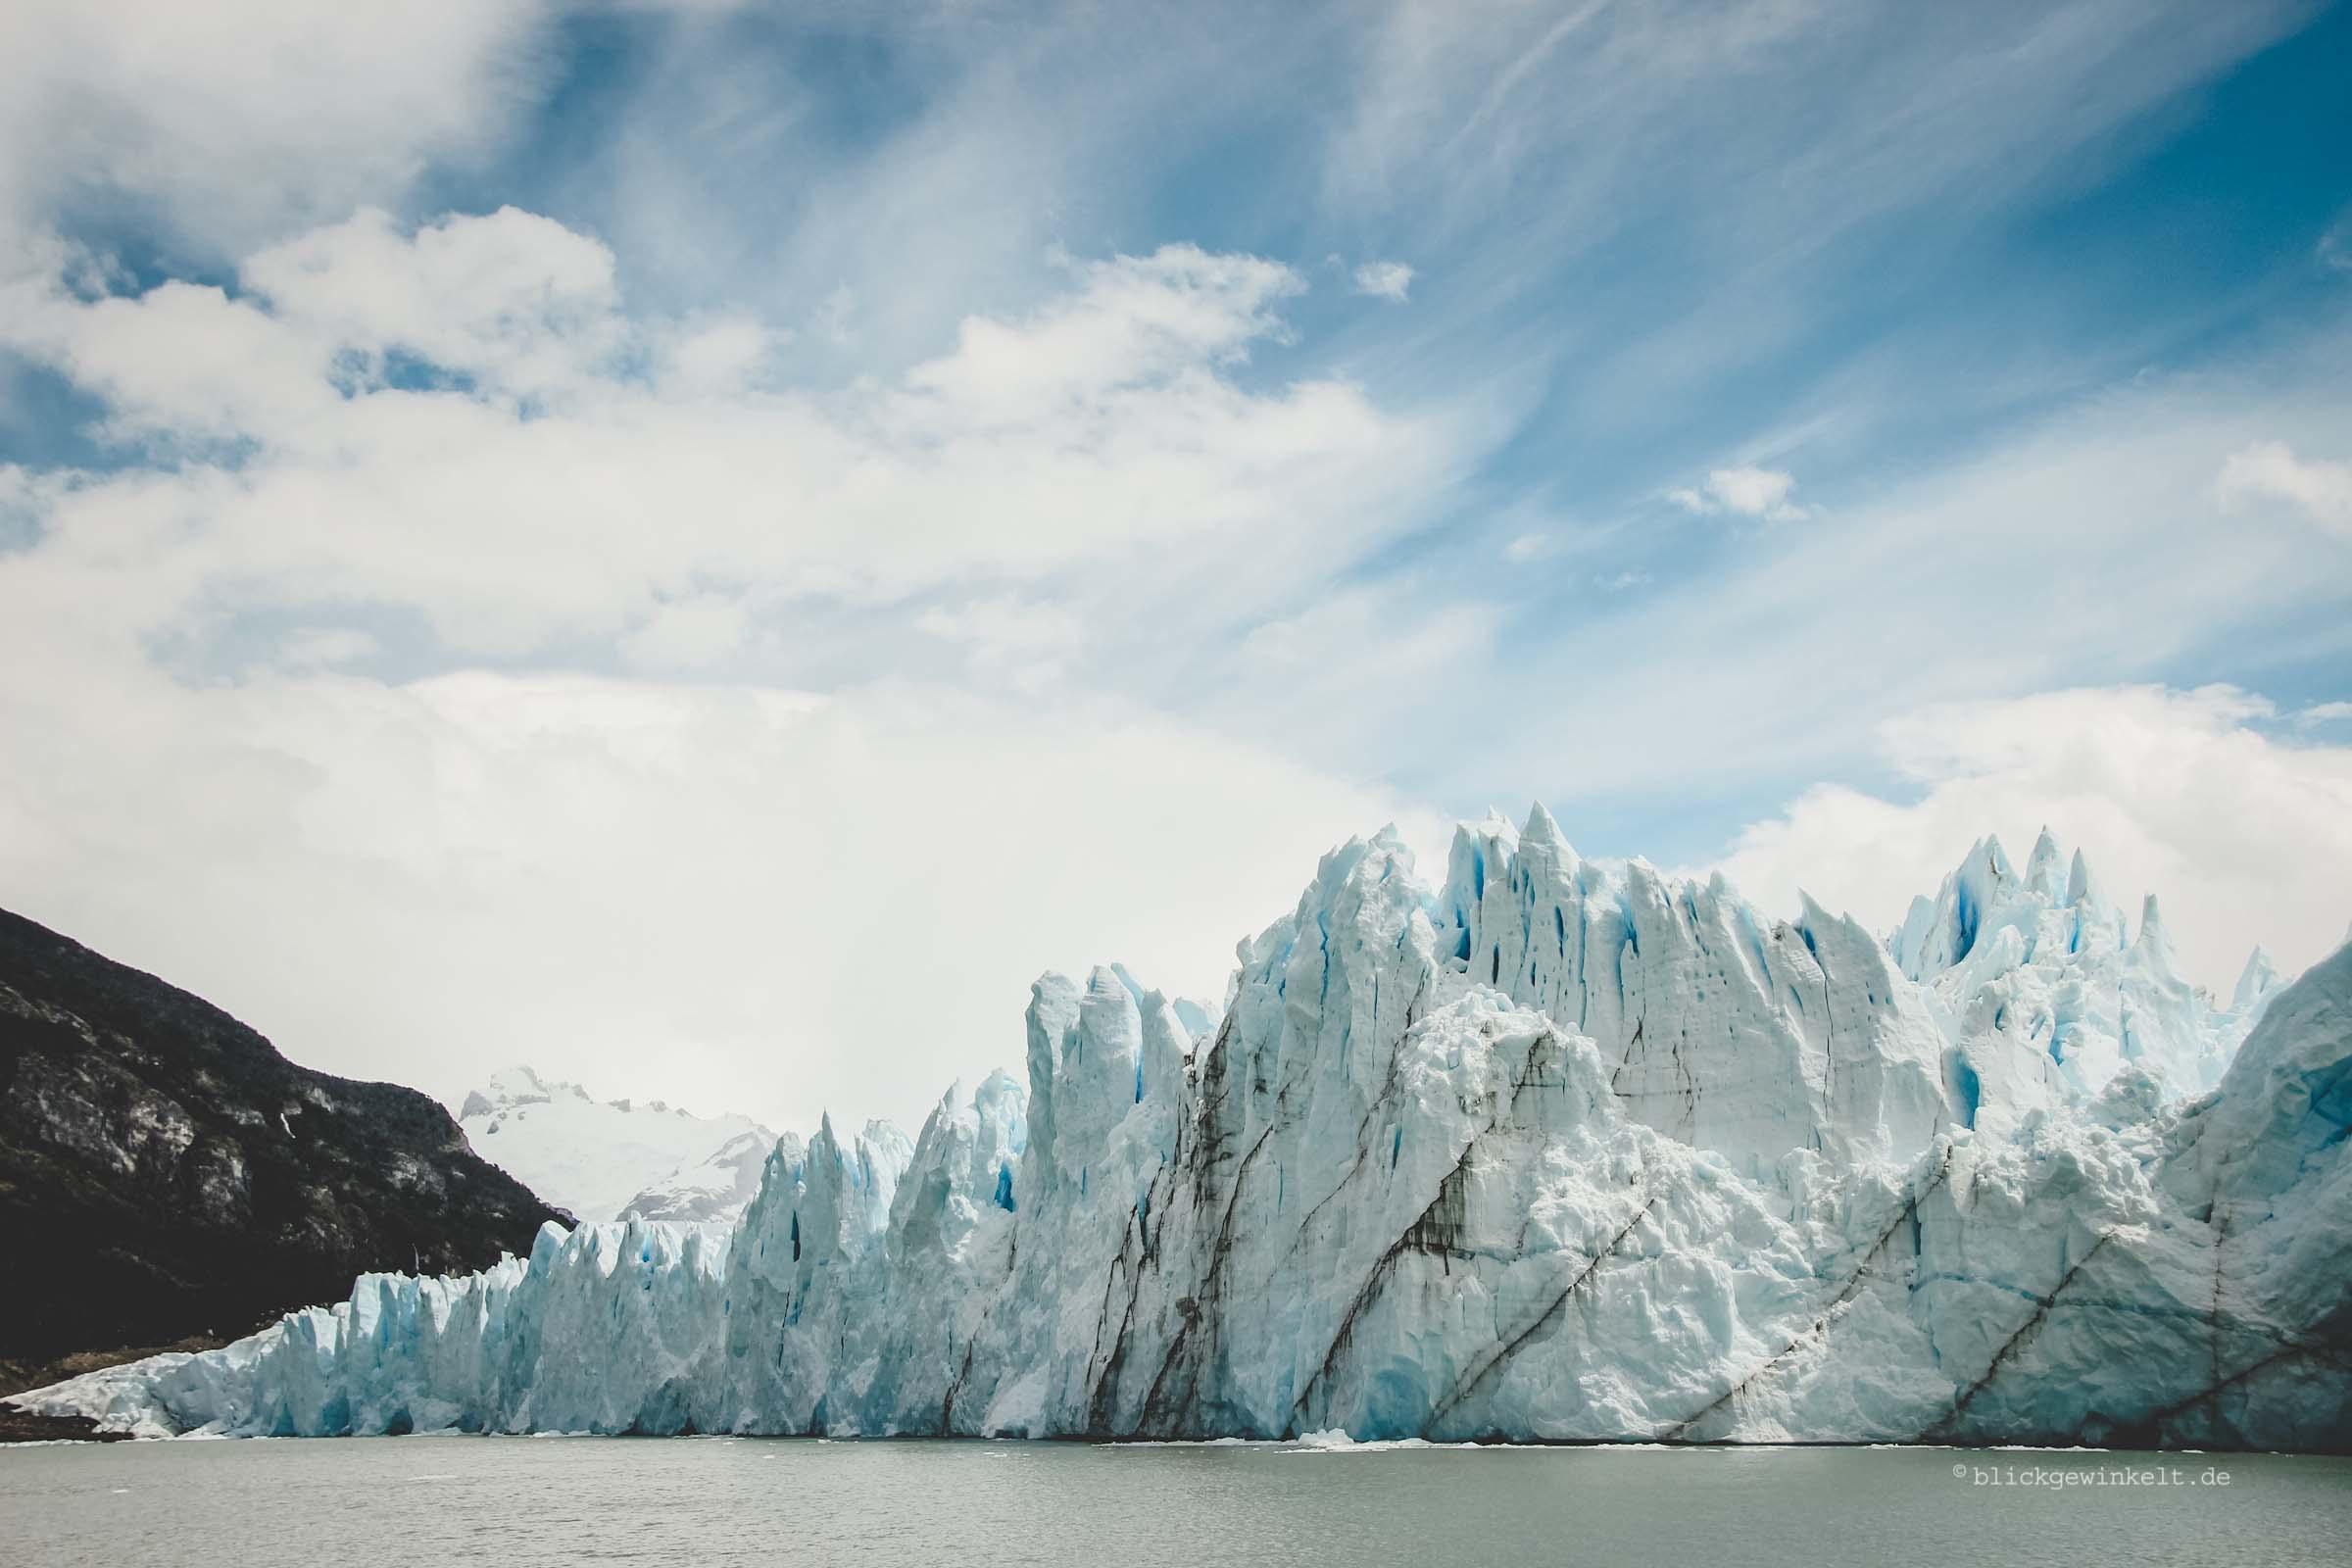 Abbruchkante des Perito Moreno-Gletschers vom Wasser aus